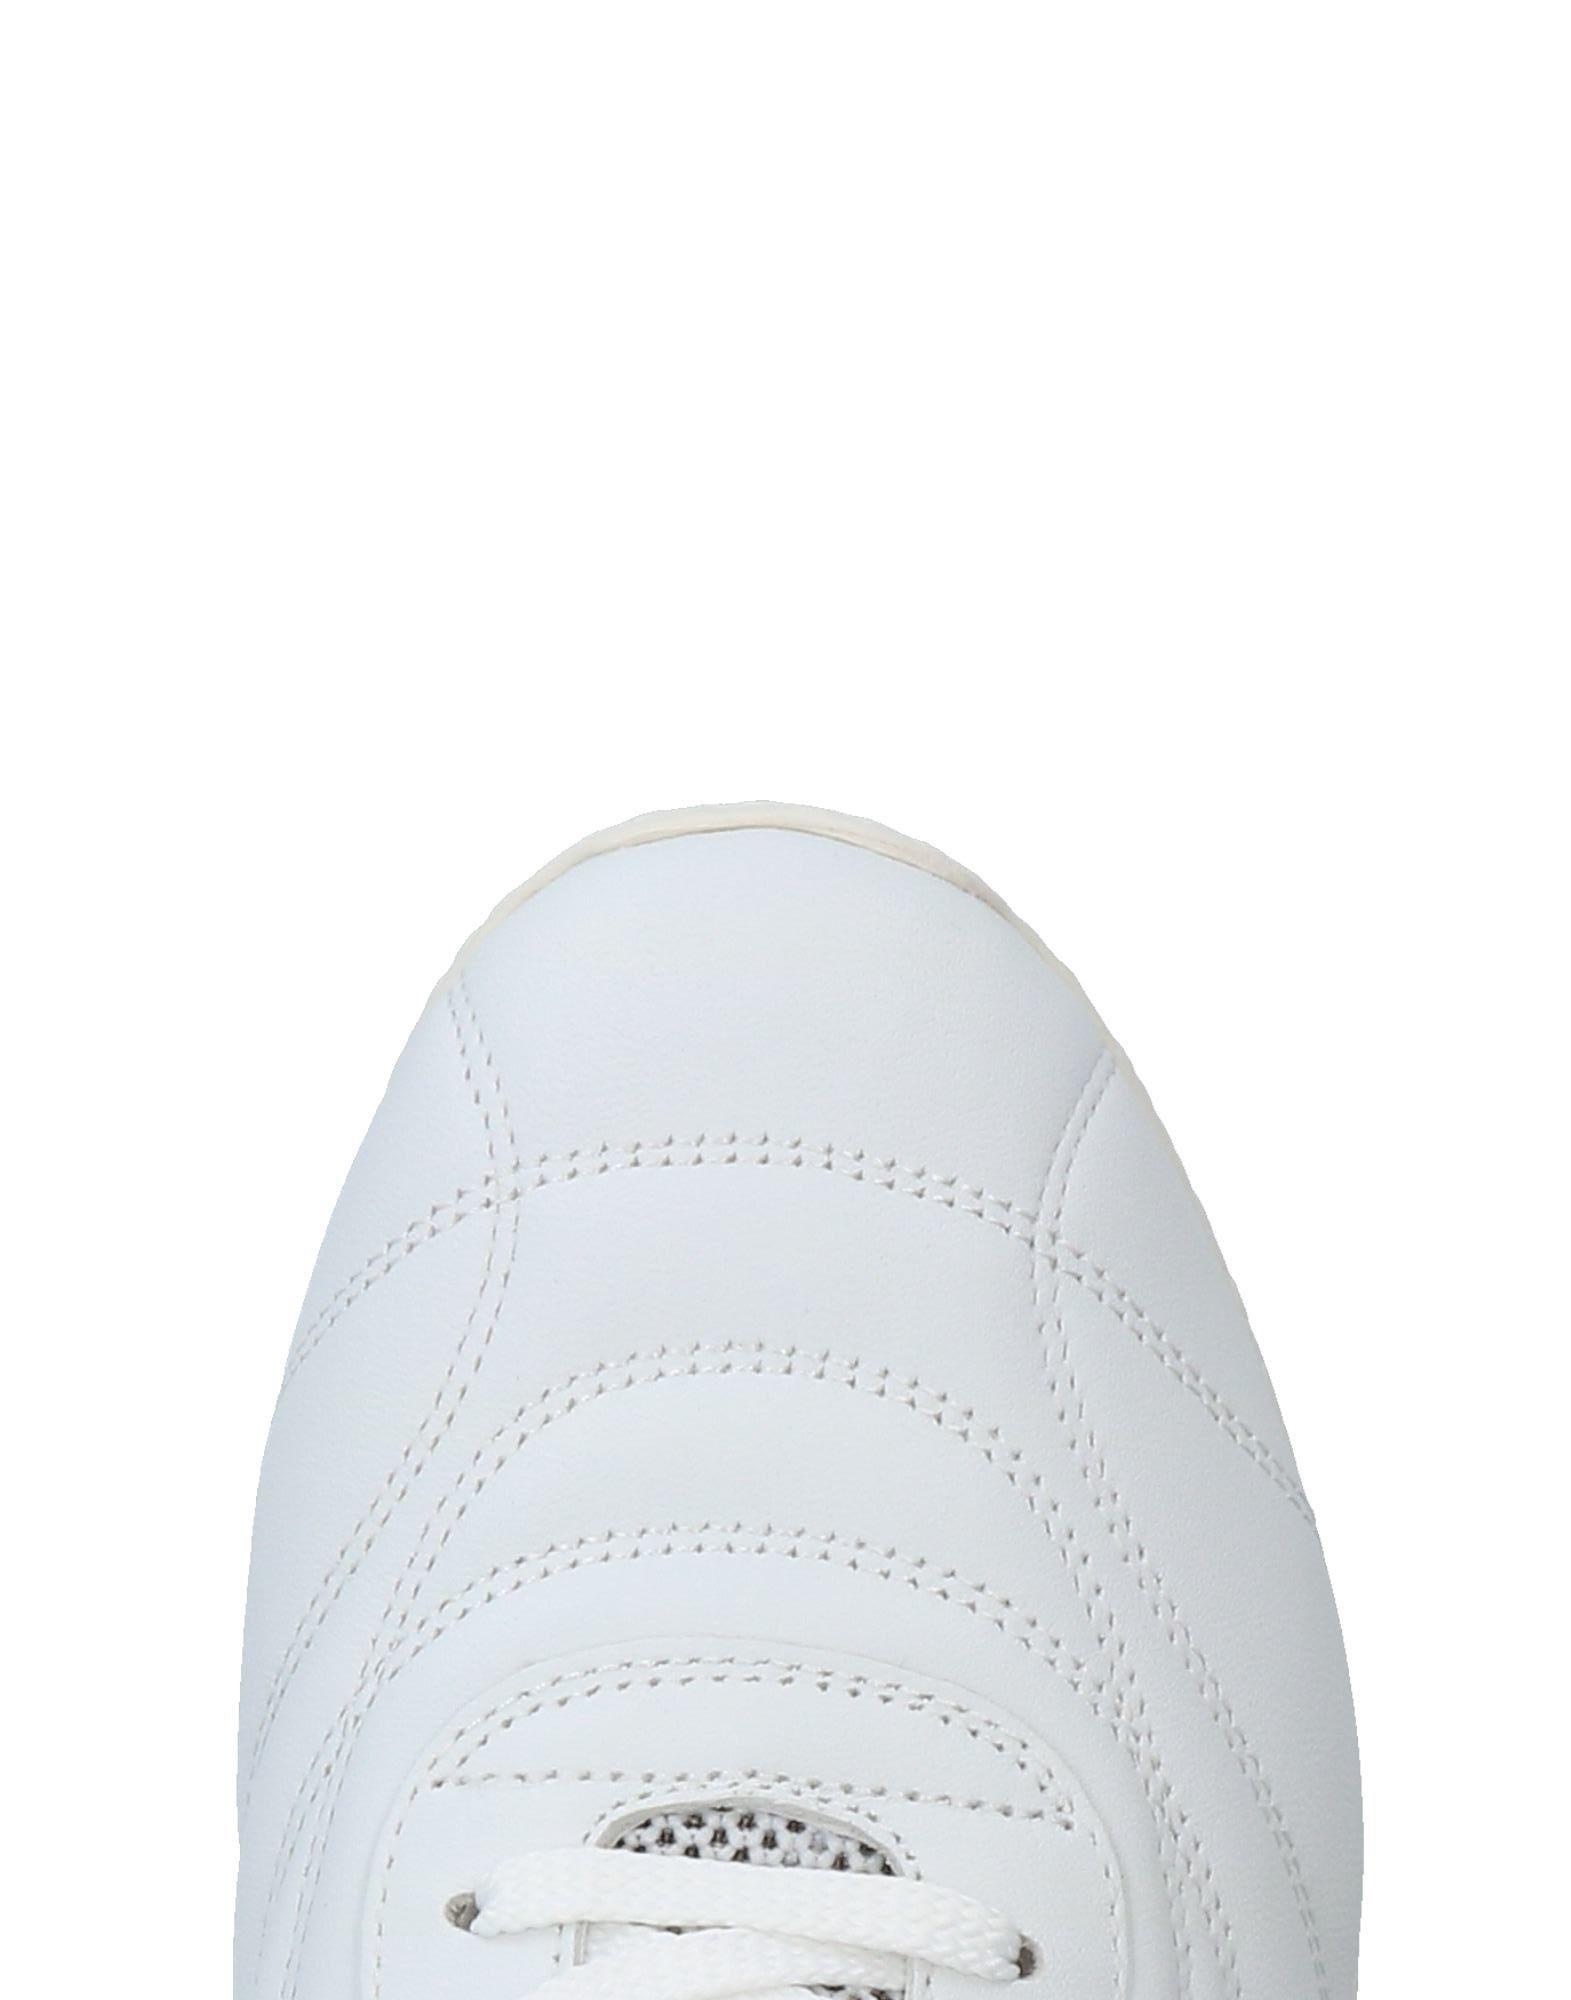 Bikkembergs Sneakers Herren Herren Sneakers  11326267AM 12b0b0